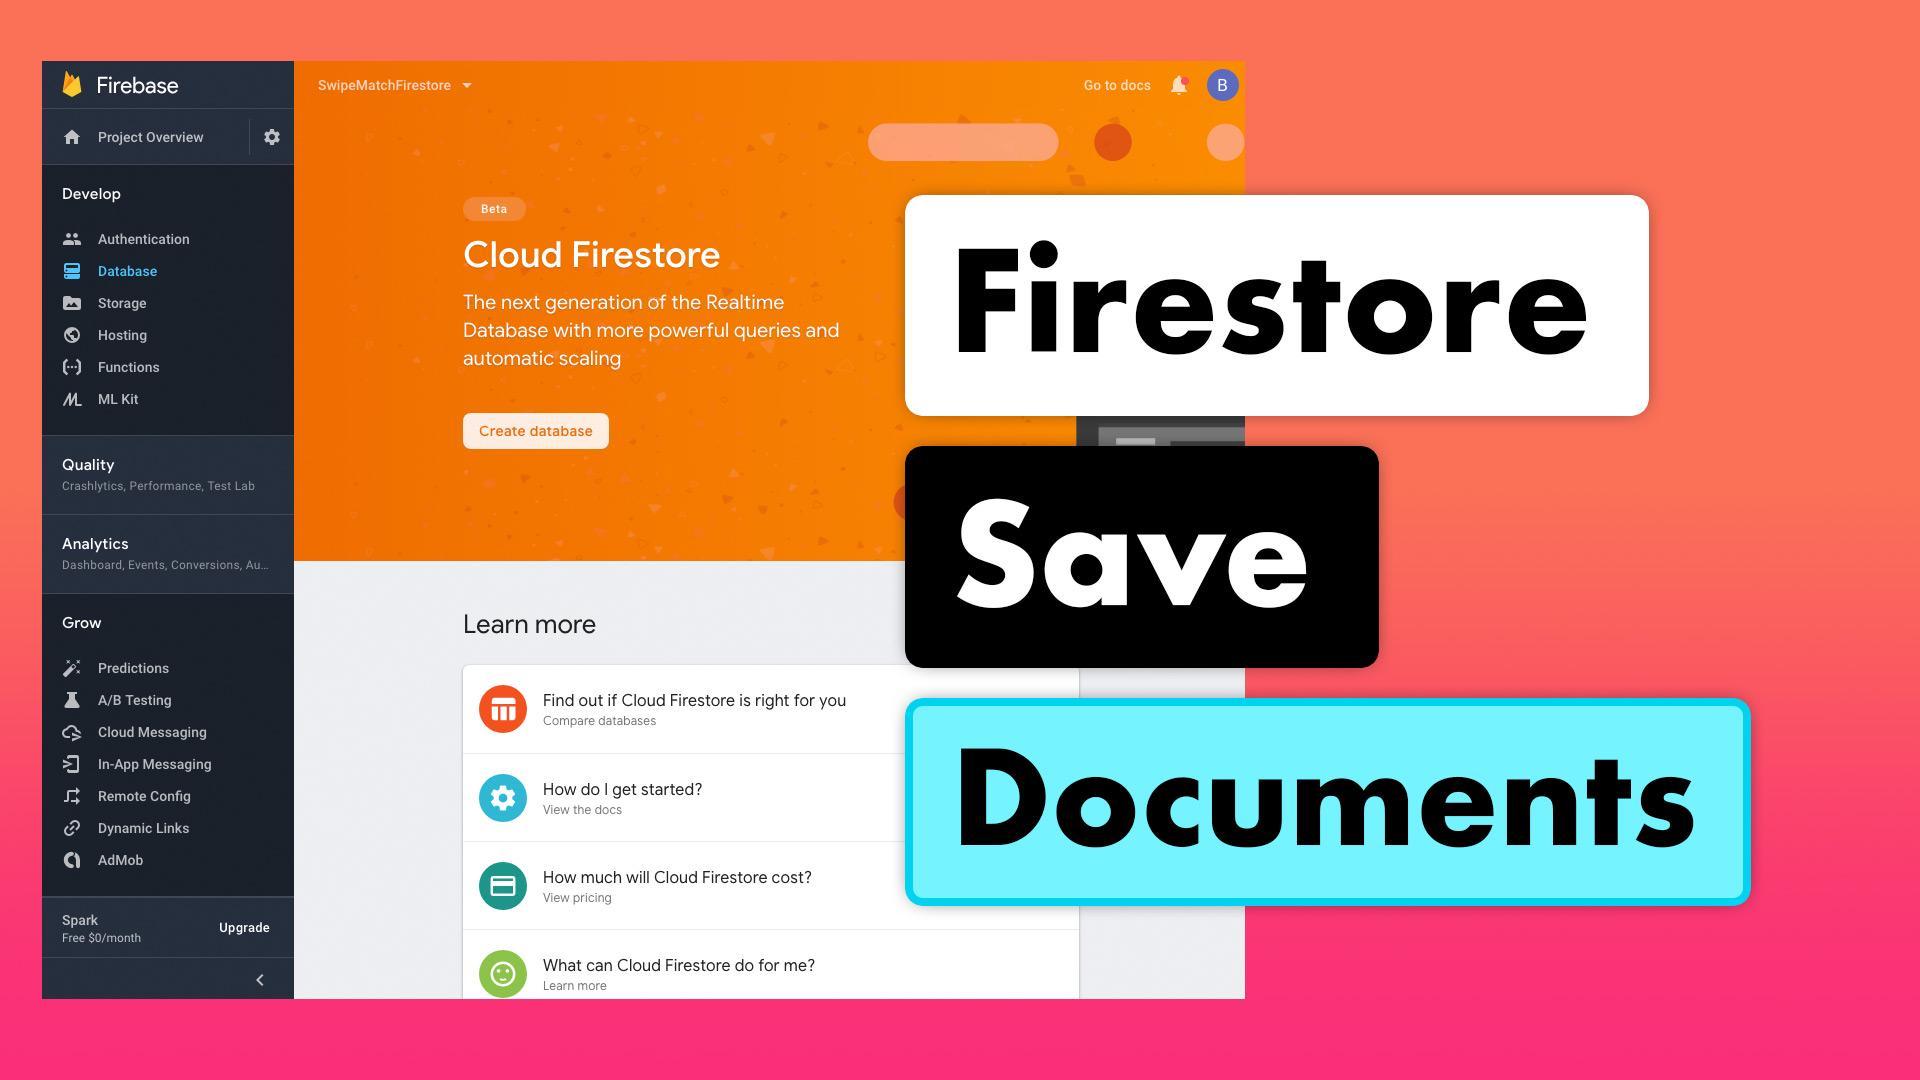 Tinder Firestore MVVM 20 - Firestore Save Documents | Lets Build